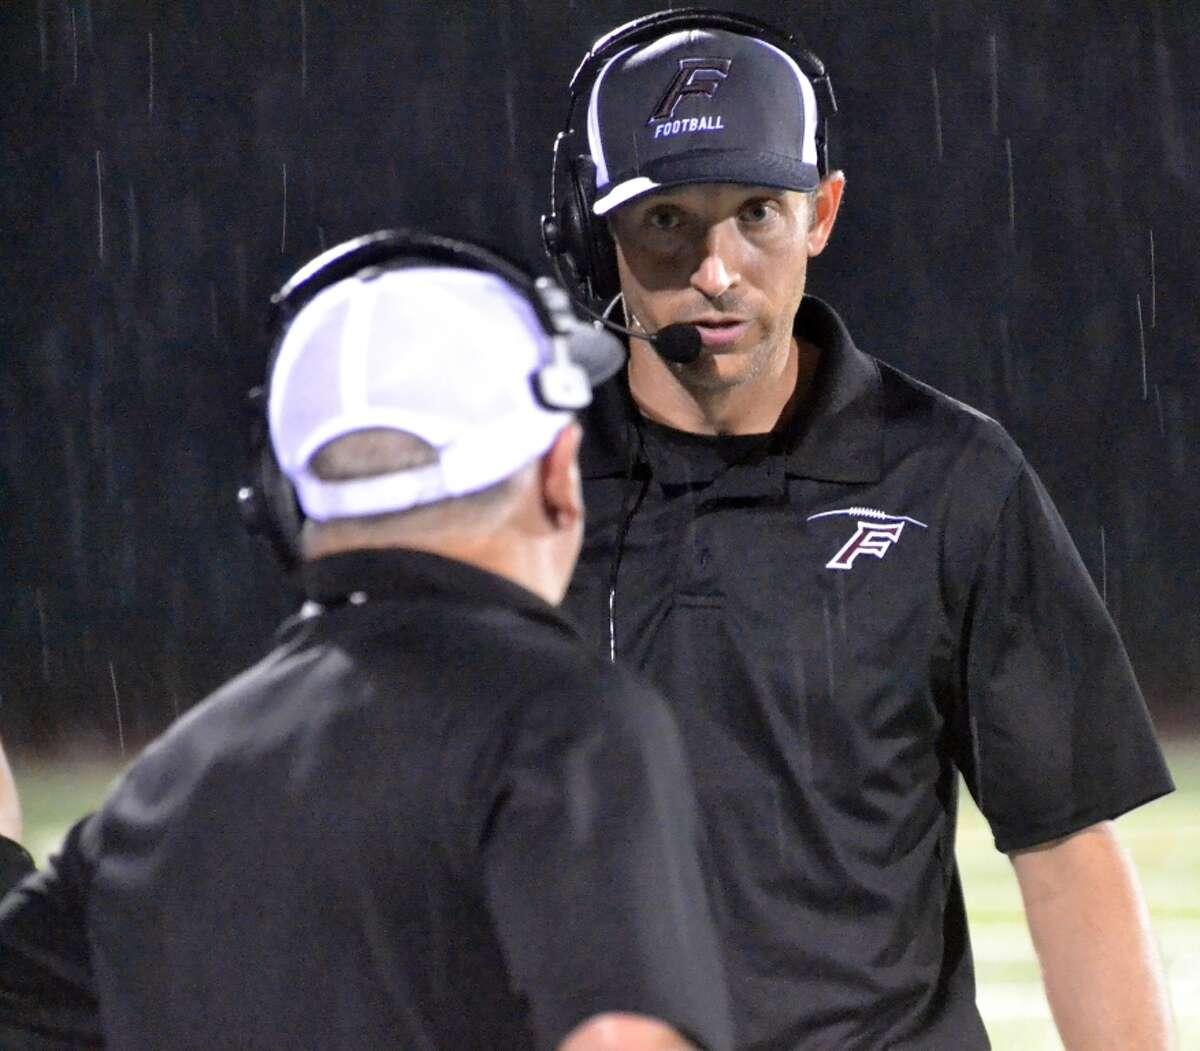 Farmington coach Chris Machol on the sideline against Platt on Sept. 6, 2018.